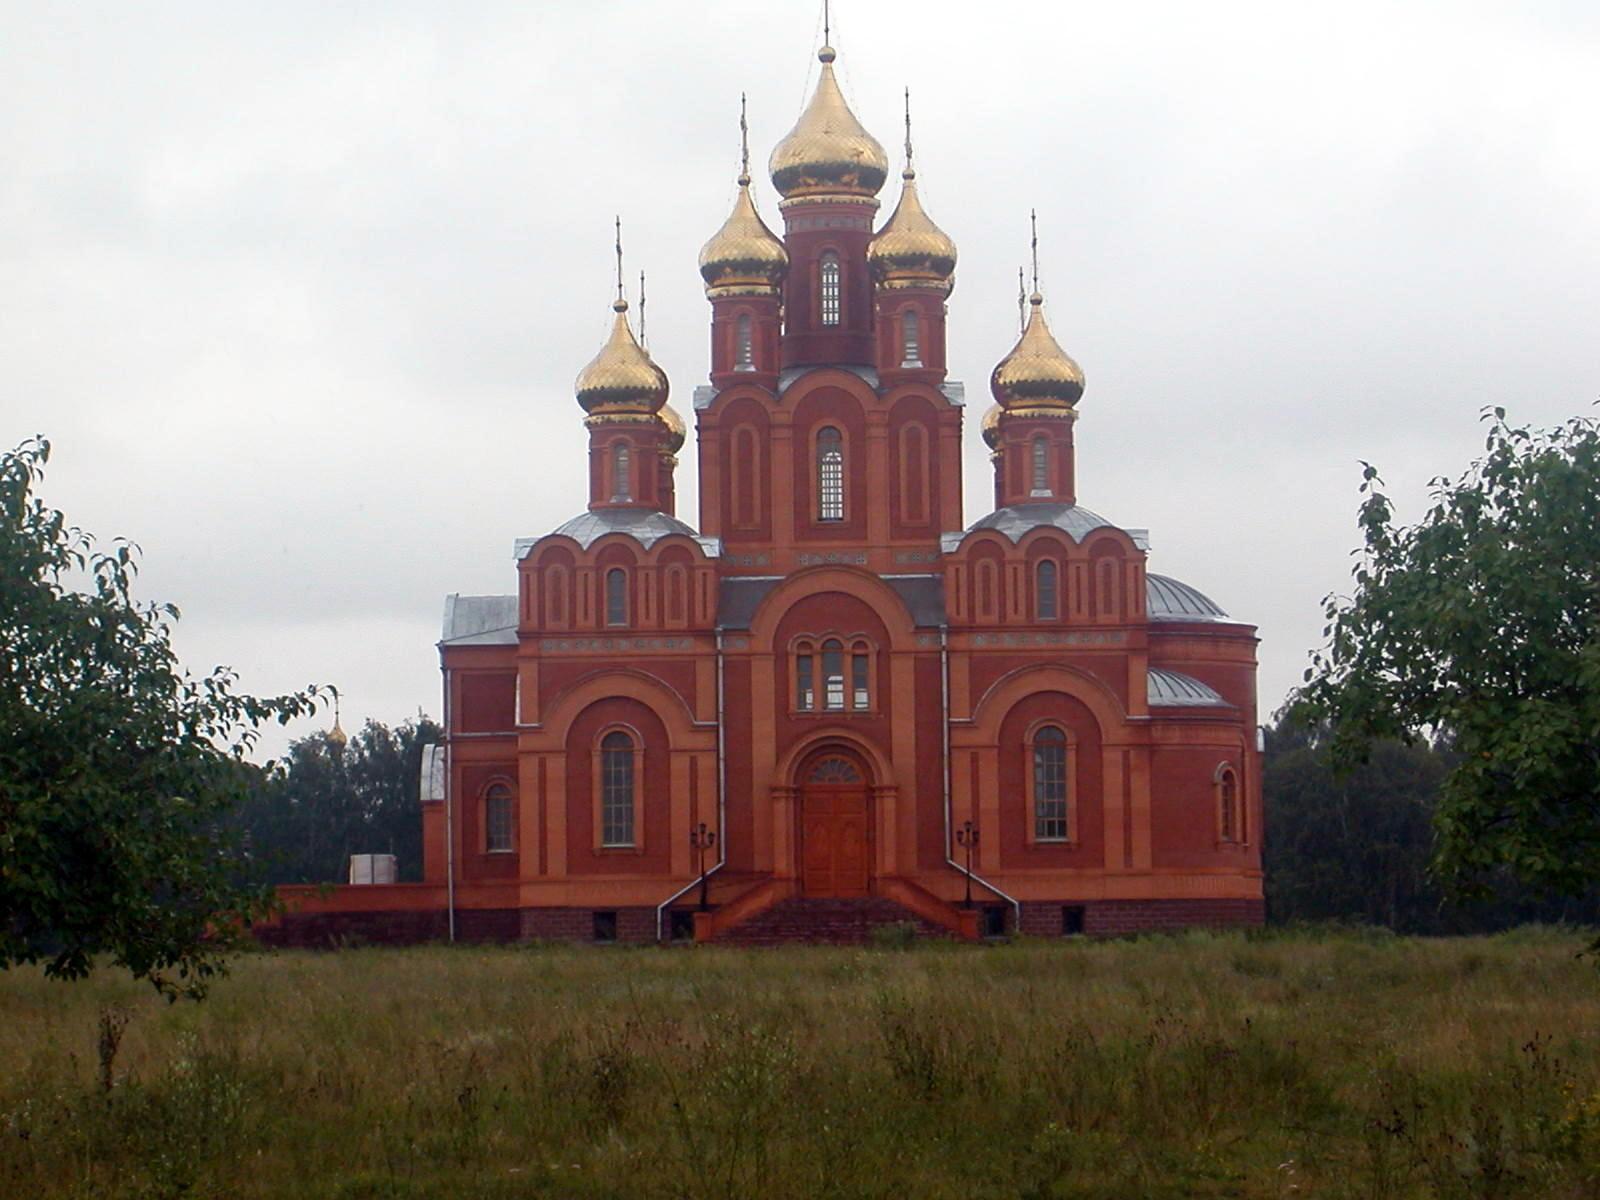 Dieser imposante Bau des Klosters war noch nicht ganz fertiggestellt.